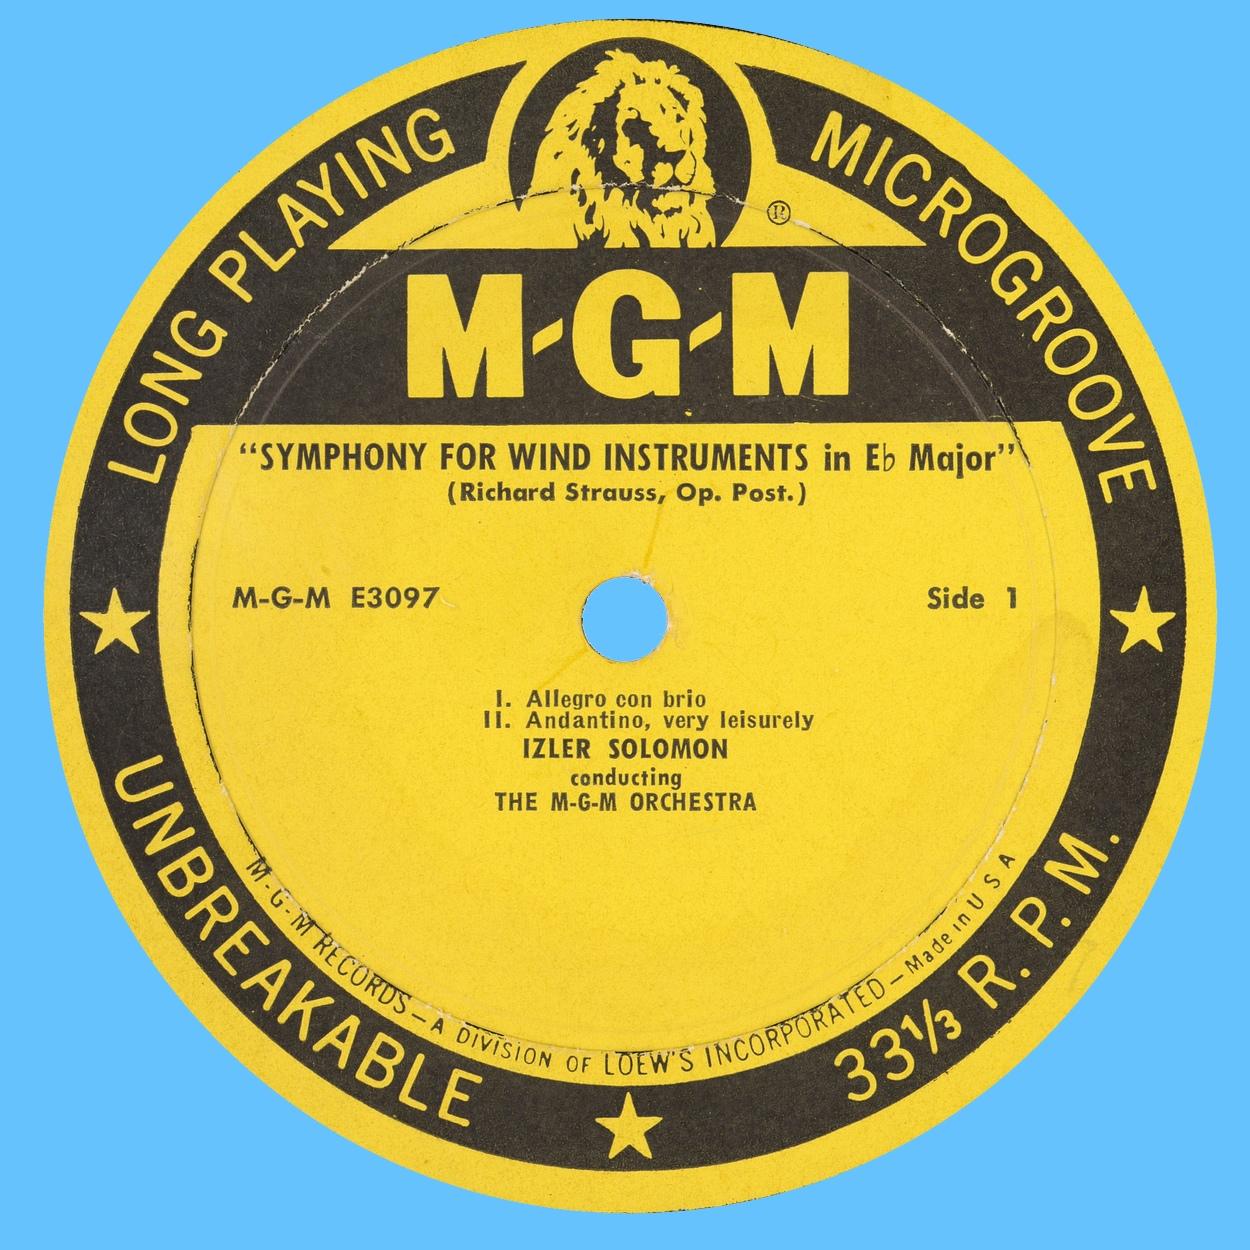 Étiquette recto du disque MGM Records E 3097